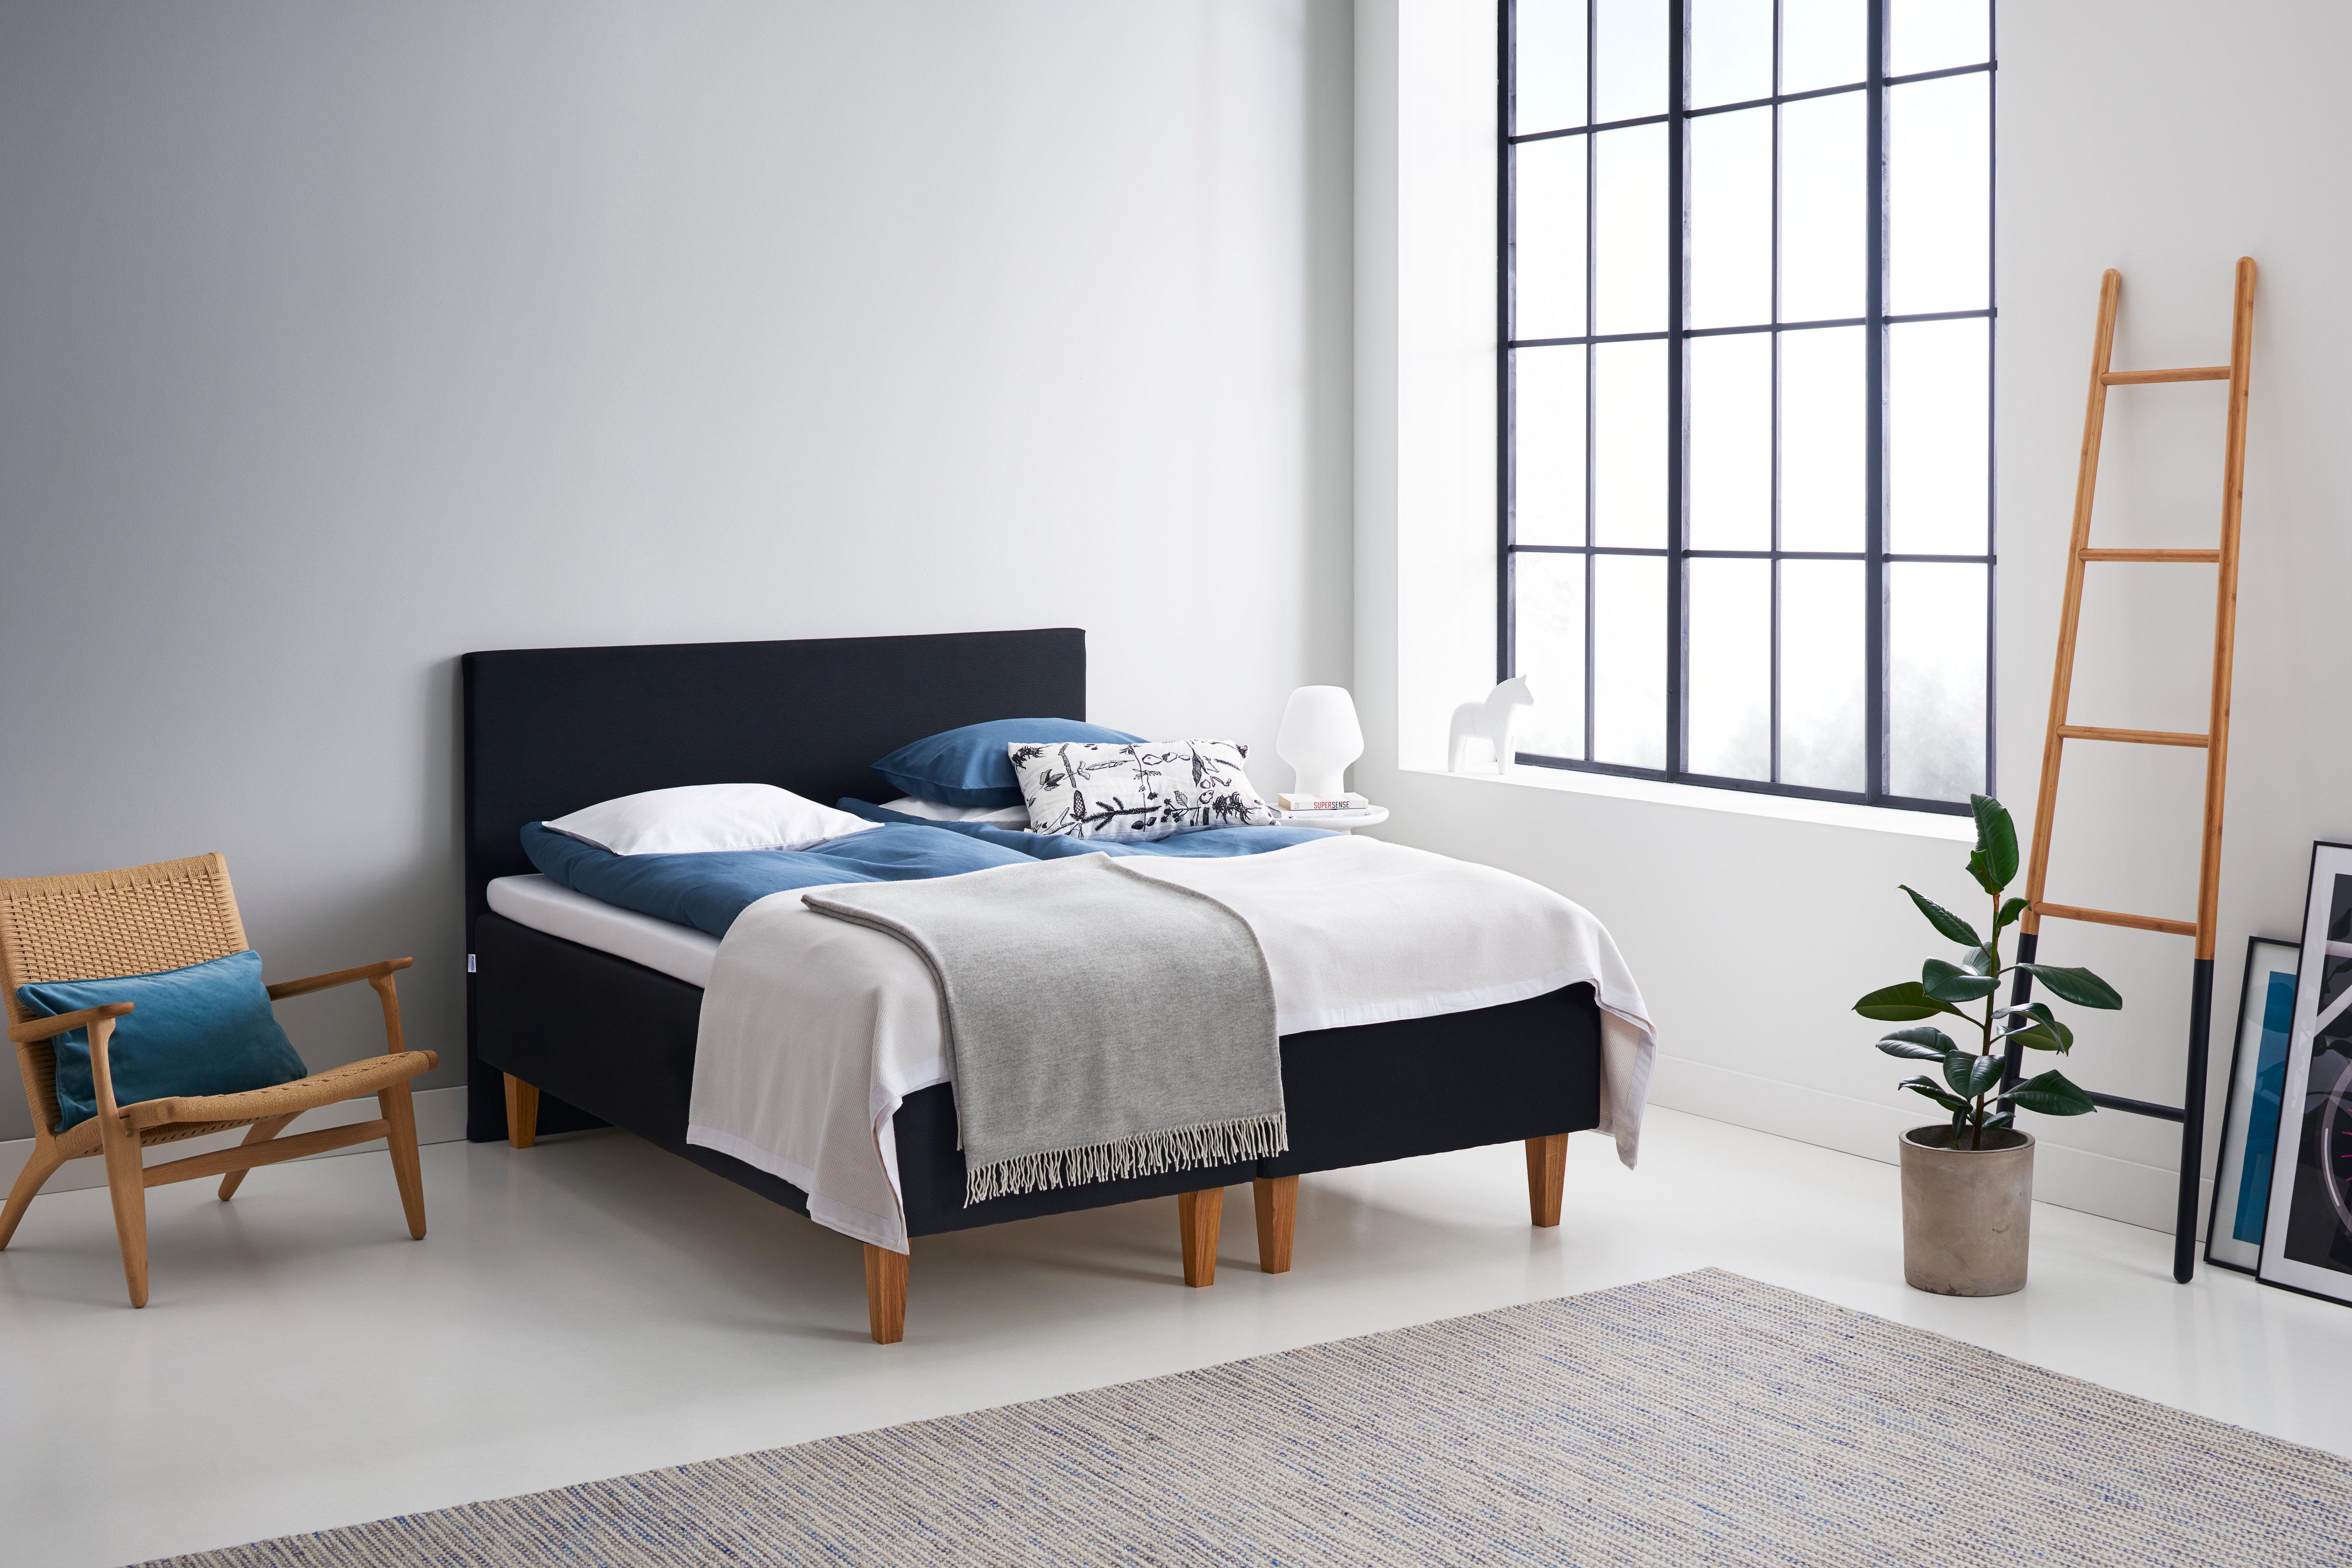 Laadukas ja kotimainen TEMPUR Flexible-sänky rakentuu jo klassikoksi muodostuneesta 7cm -sijauspatjasta sekä kotimaisesta runkosängystä.